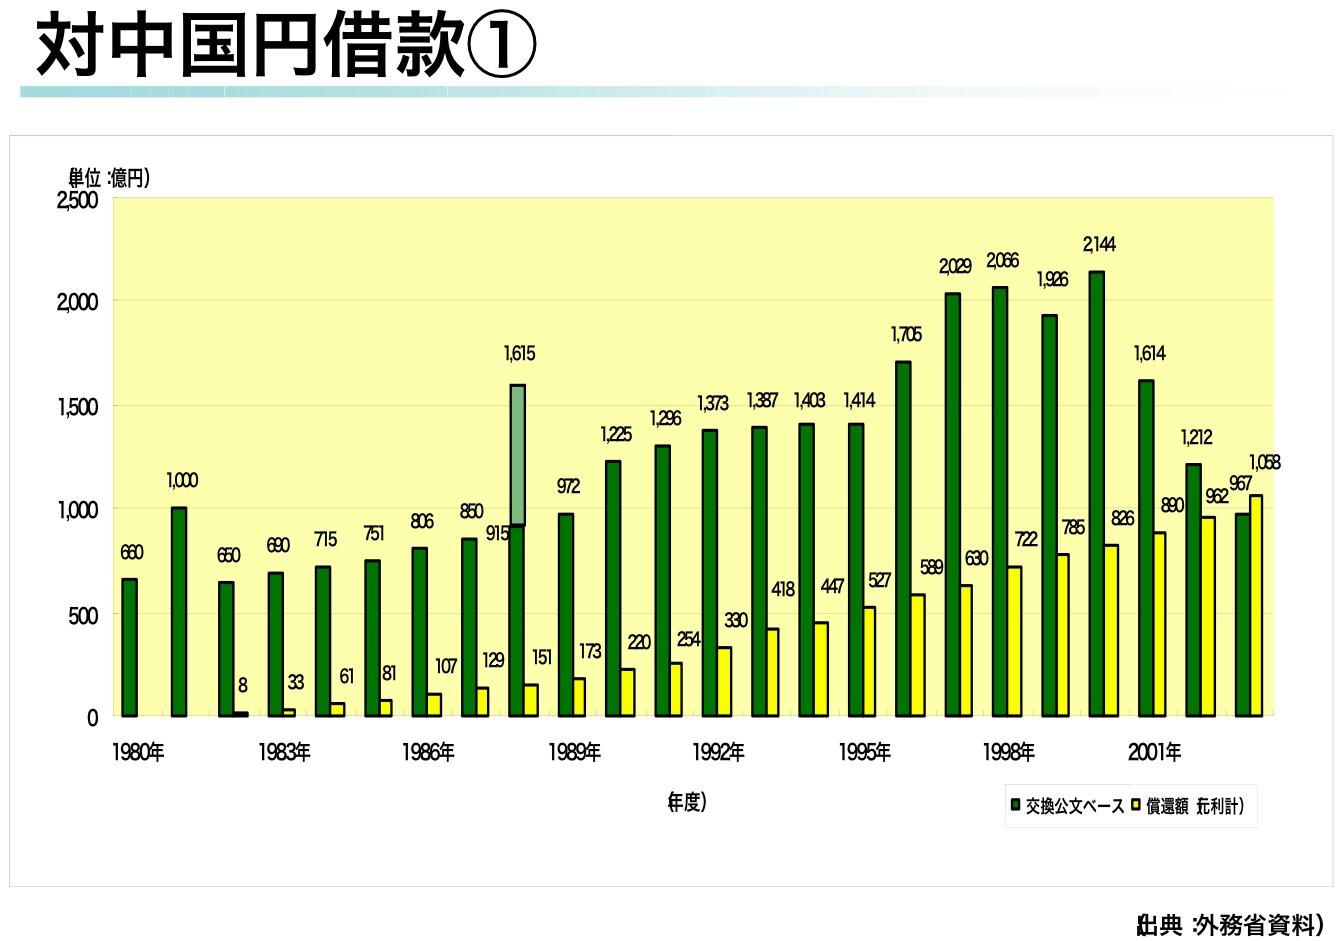 ジョーク:「ODA円借款返せよ、習近平!金もね〜のにAKB48なんか作るんじゃね〜〜ぞ」by麻生_e0171614_2142261.jpg